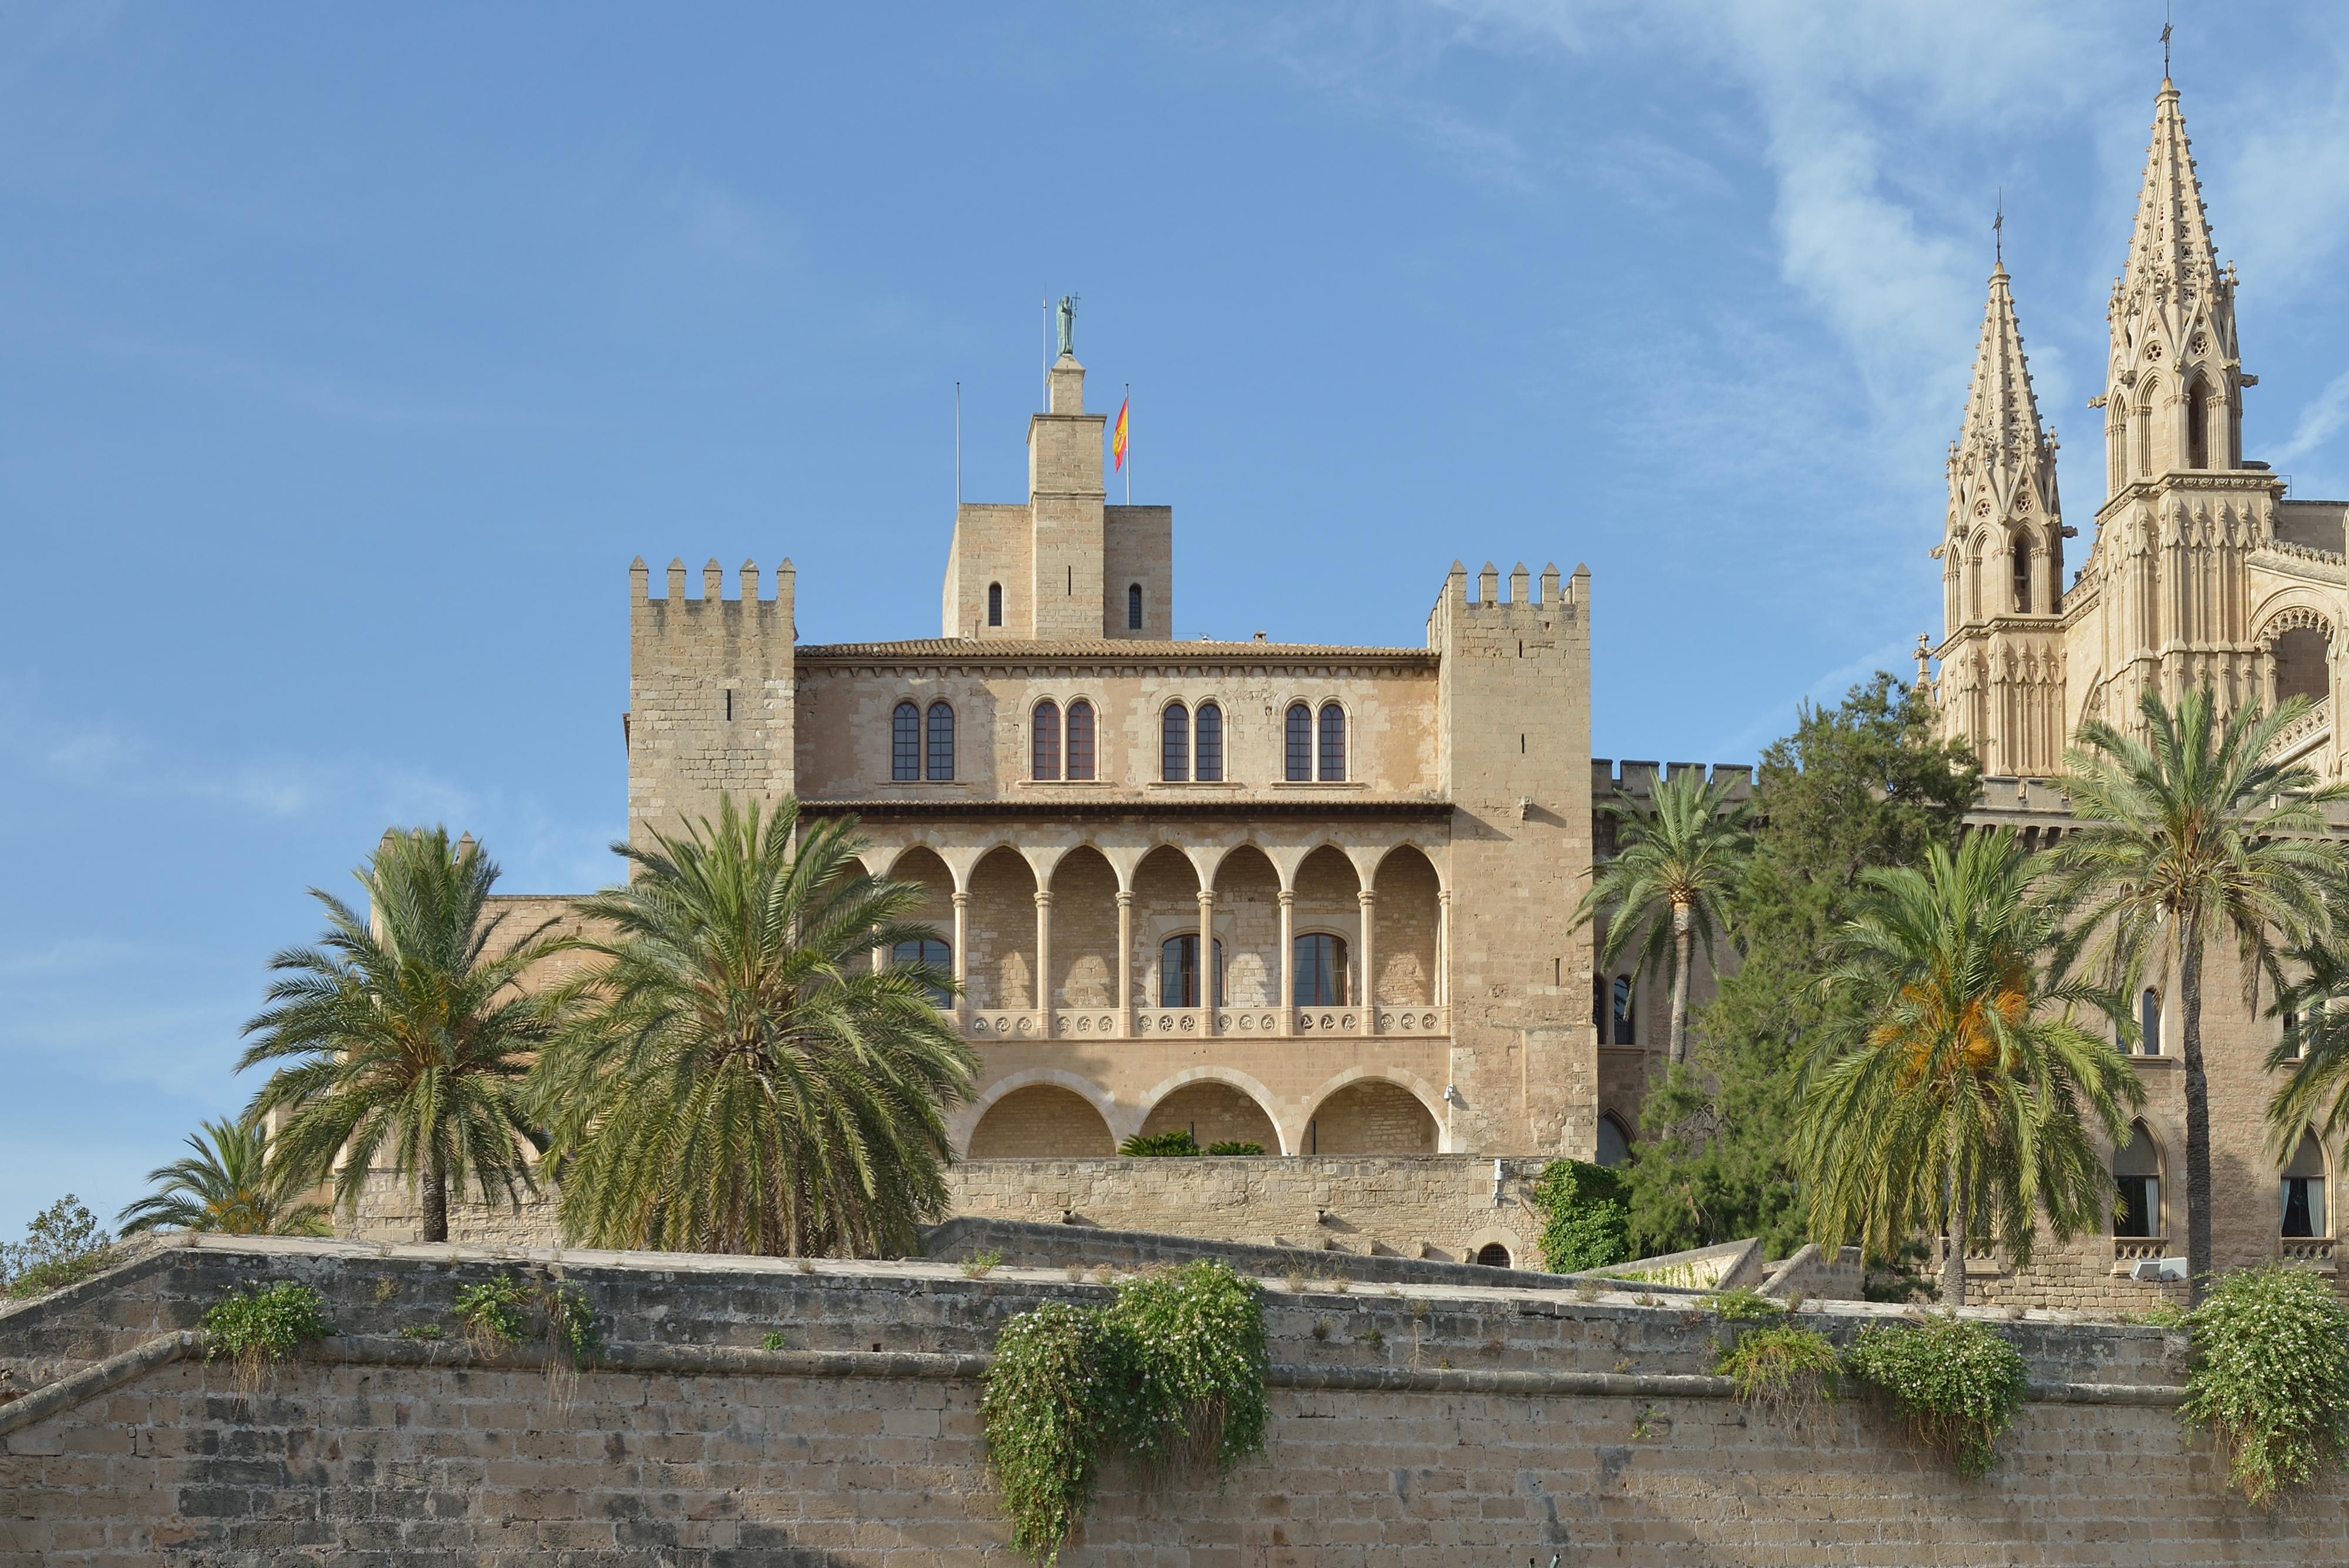 Risultati immagini per palazzo reale almudaina maiorca